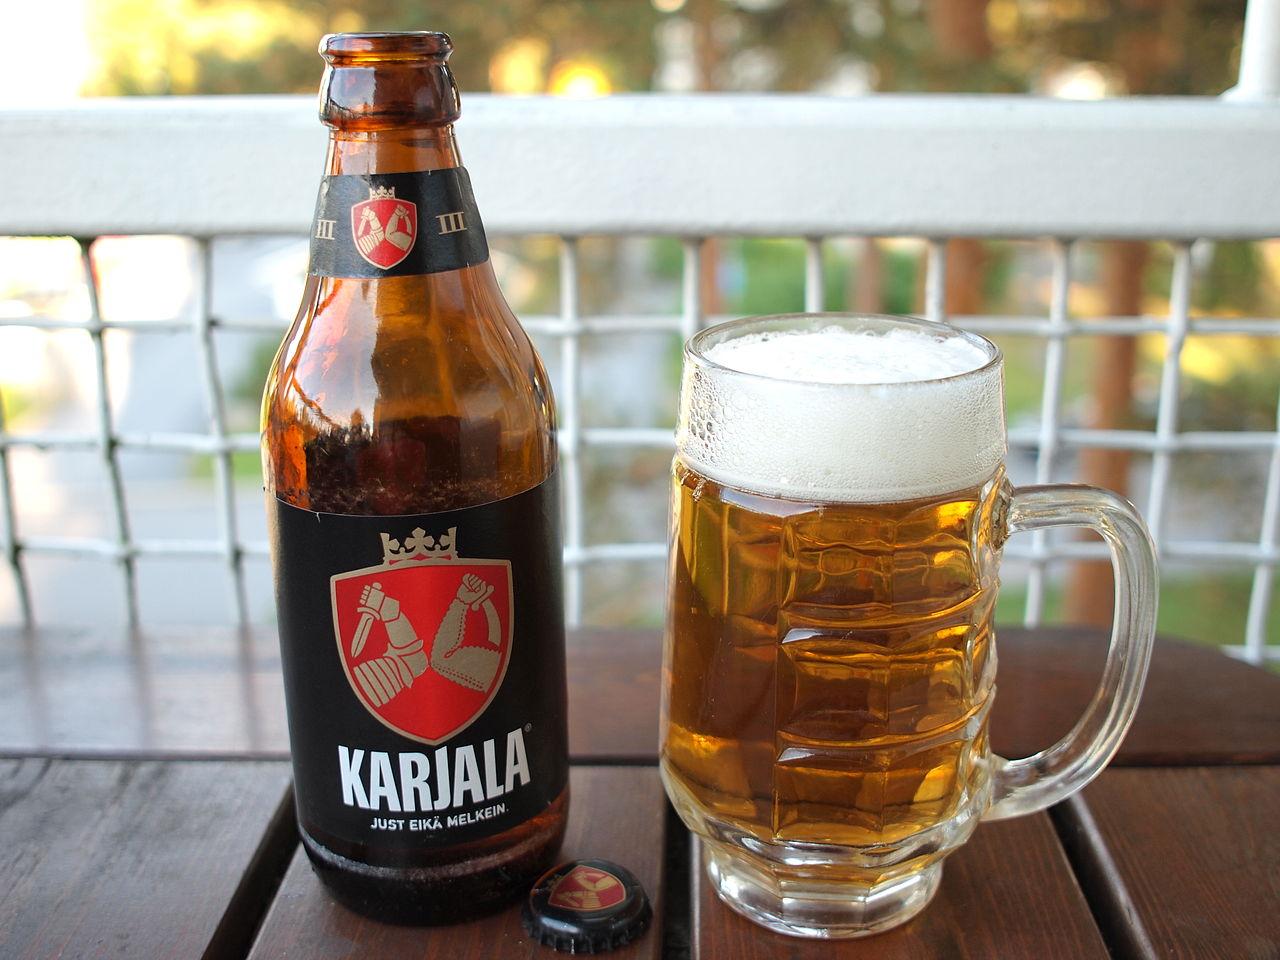 Karjala pivo a hlavni sponzor Karjala cup 2017